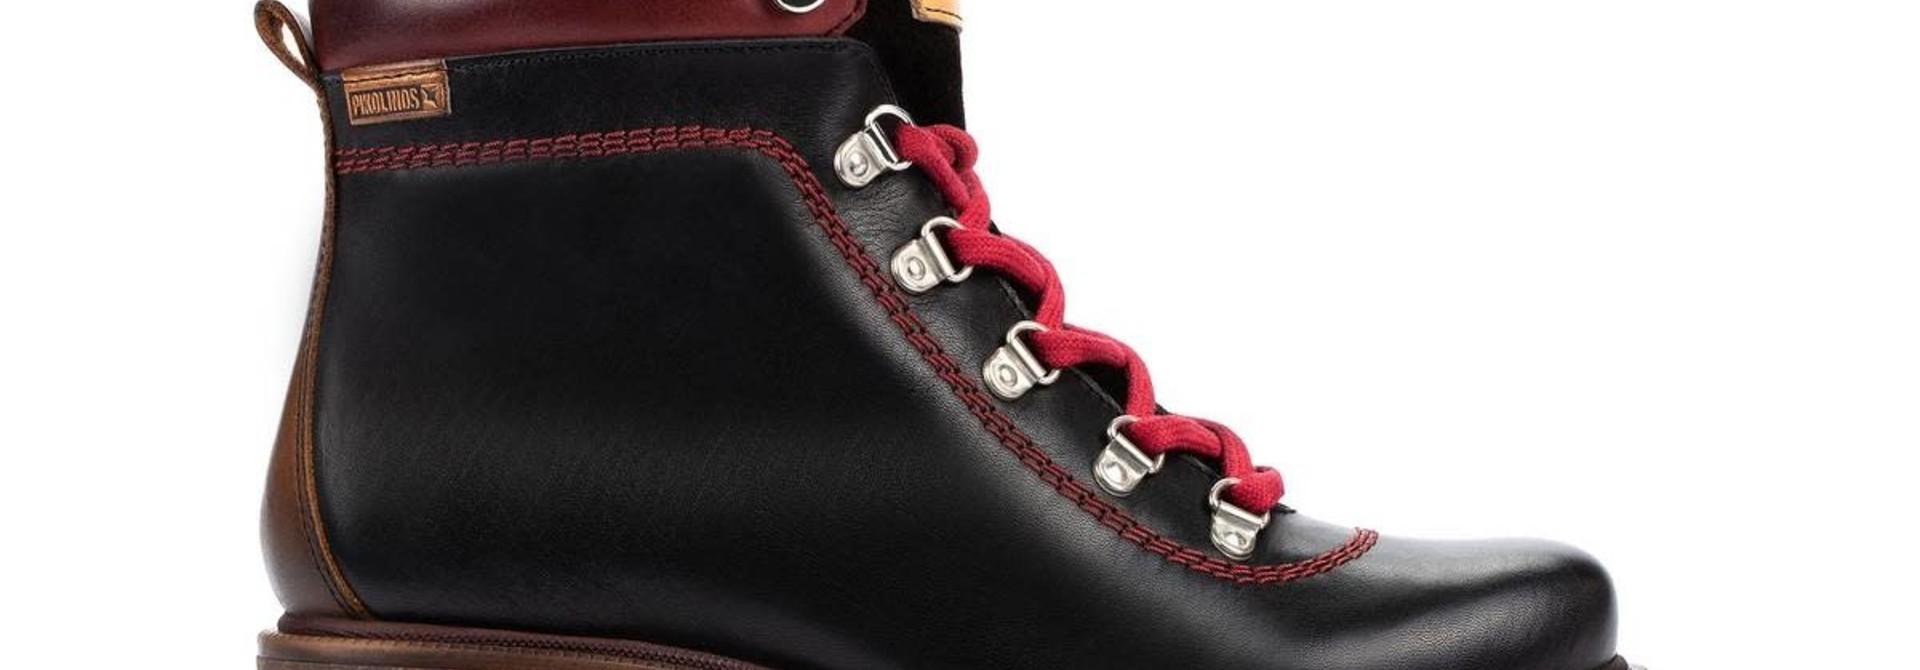 Pikolino Aspe Lace Boot